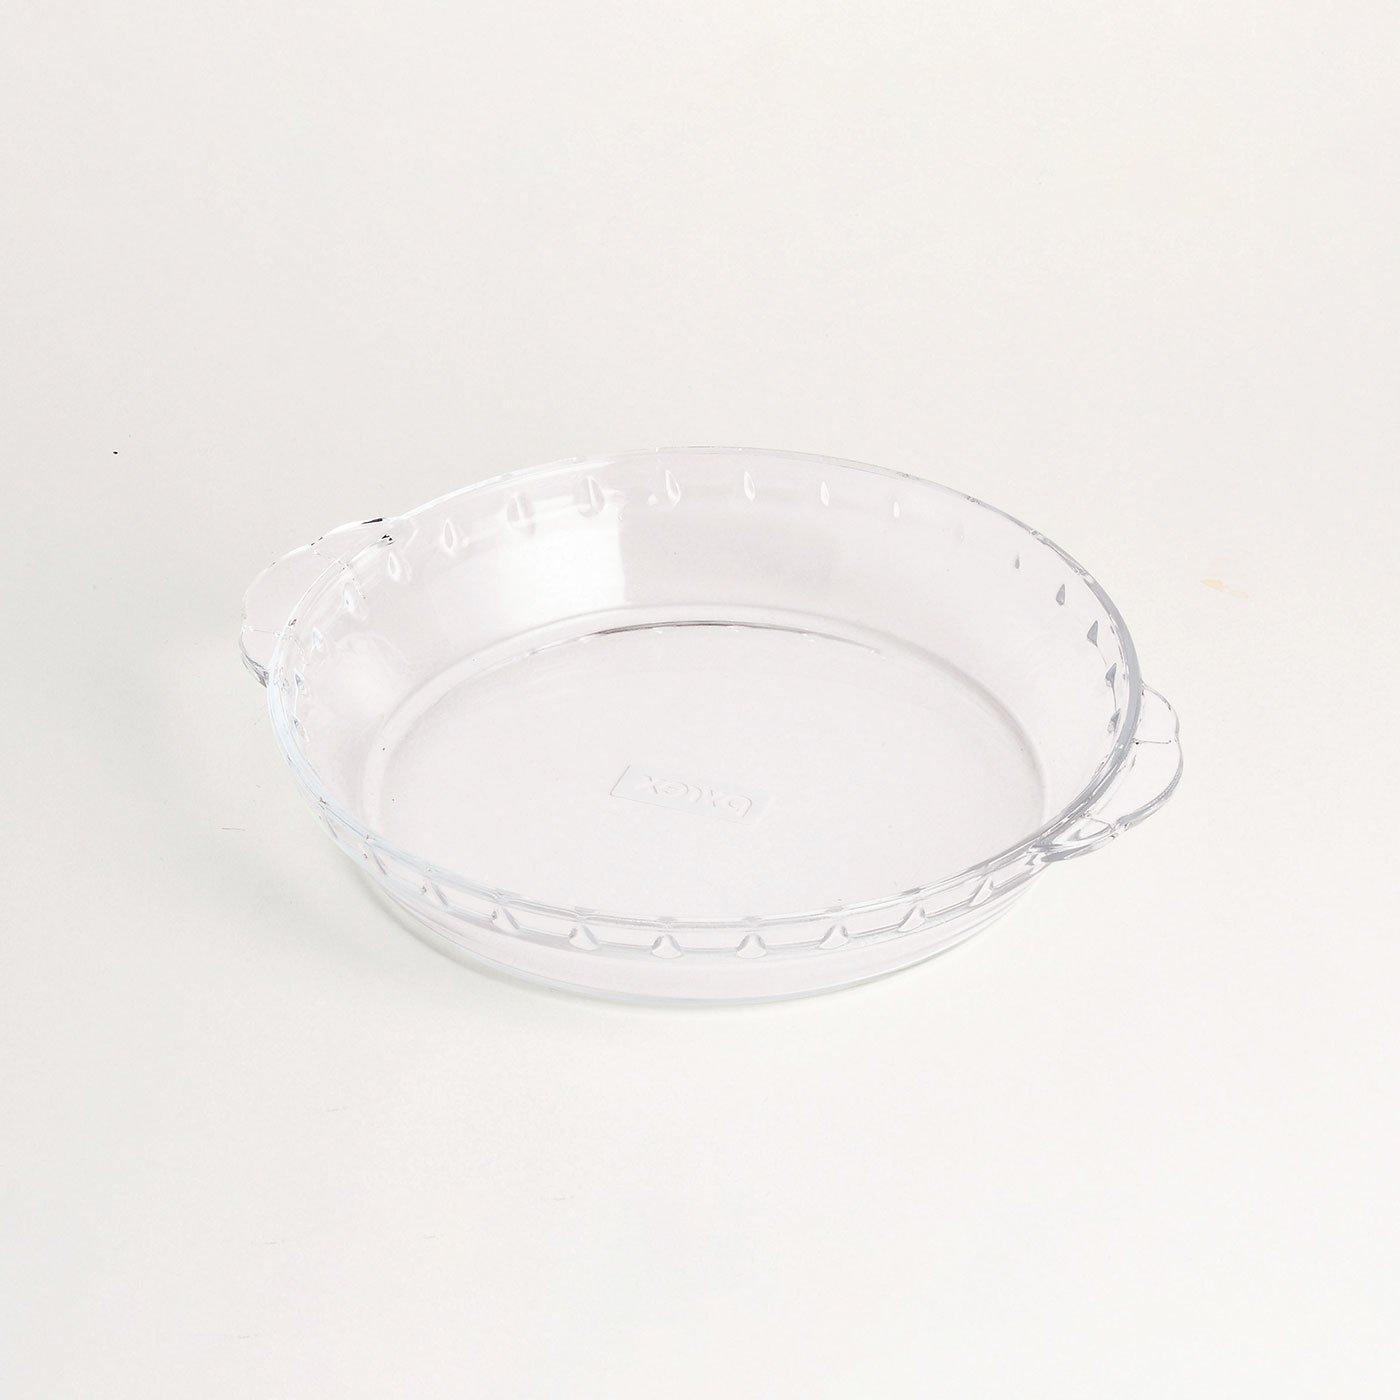 冷凍・レトルト食品のアレンジ幅広がる 耐熱ガラス皿 PYREX〈18cm〉